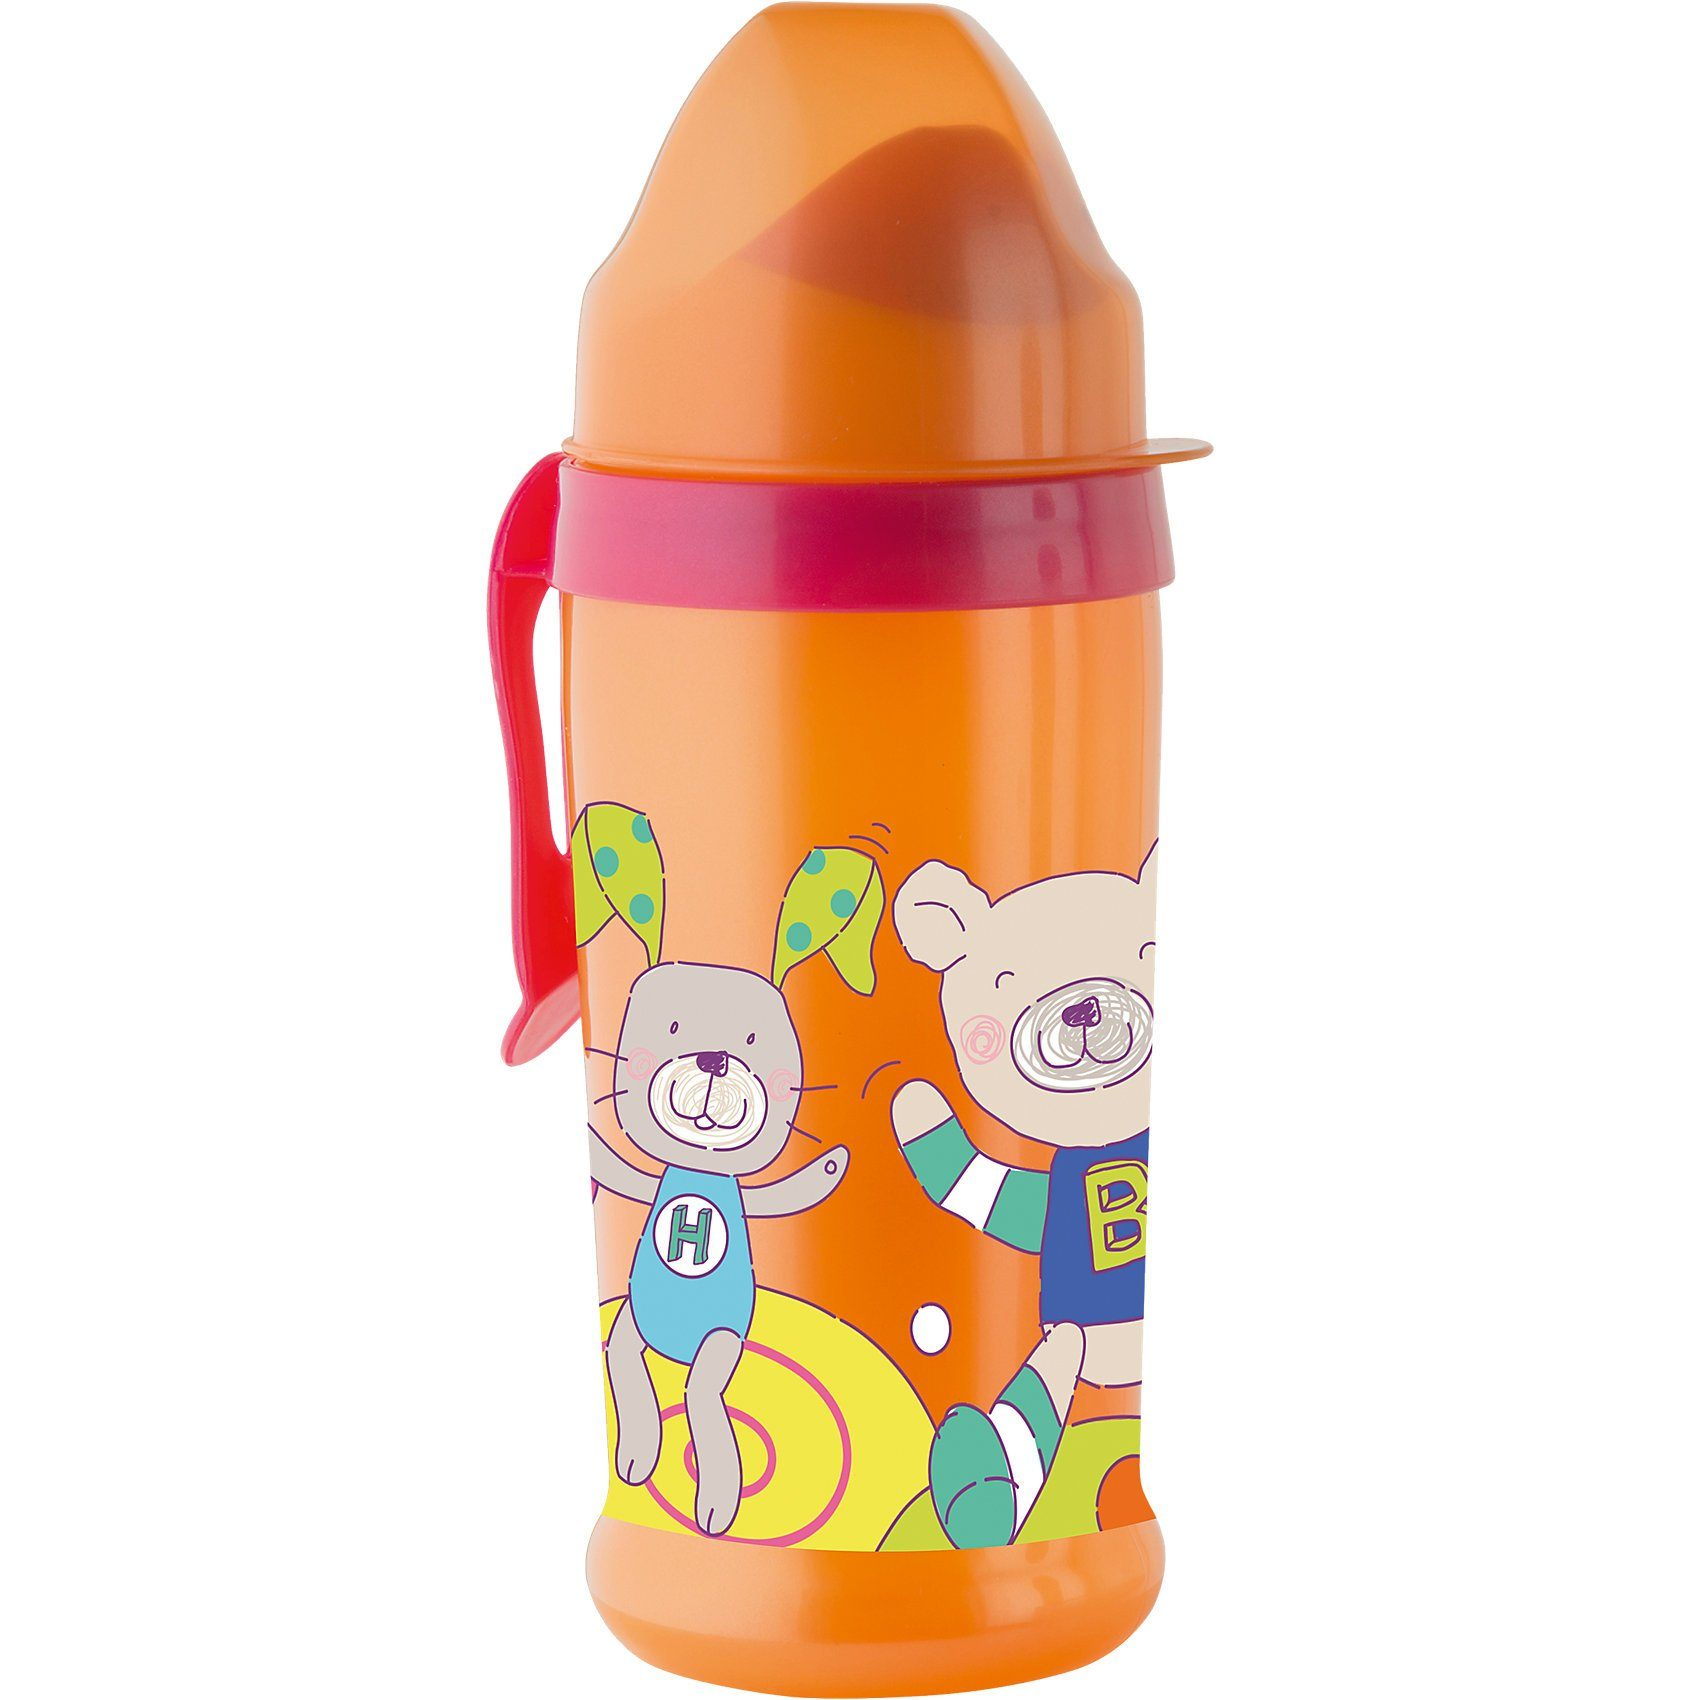 Rotho Babydesign Trinkflasche mit weichem Trinkaufsatz, Cool Friends, orange/